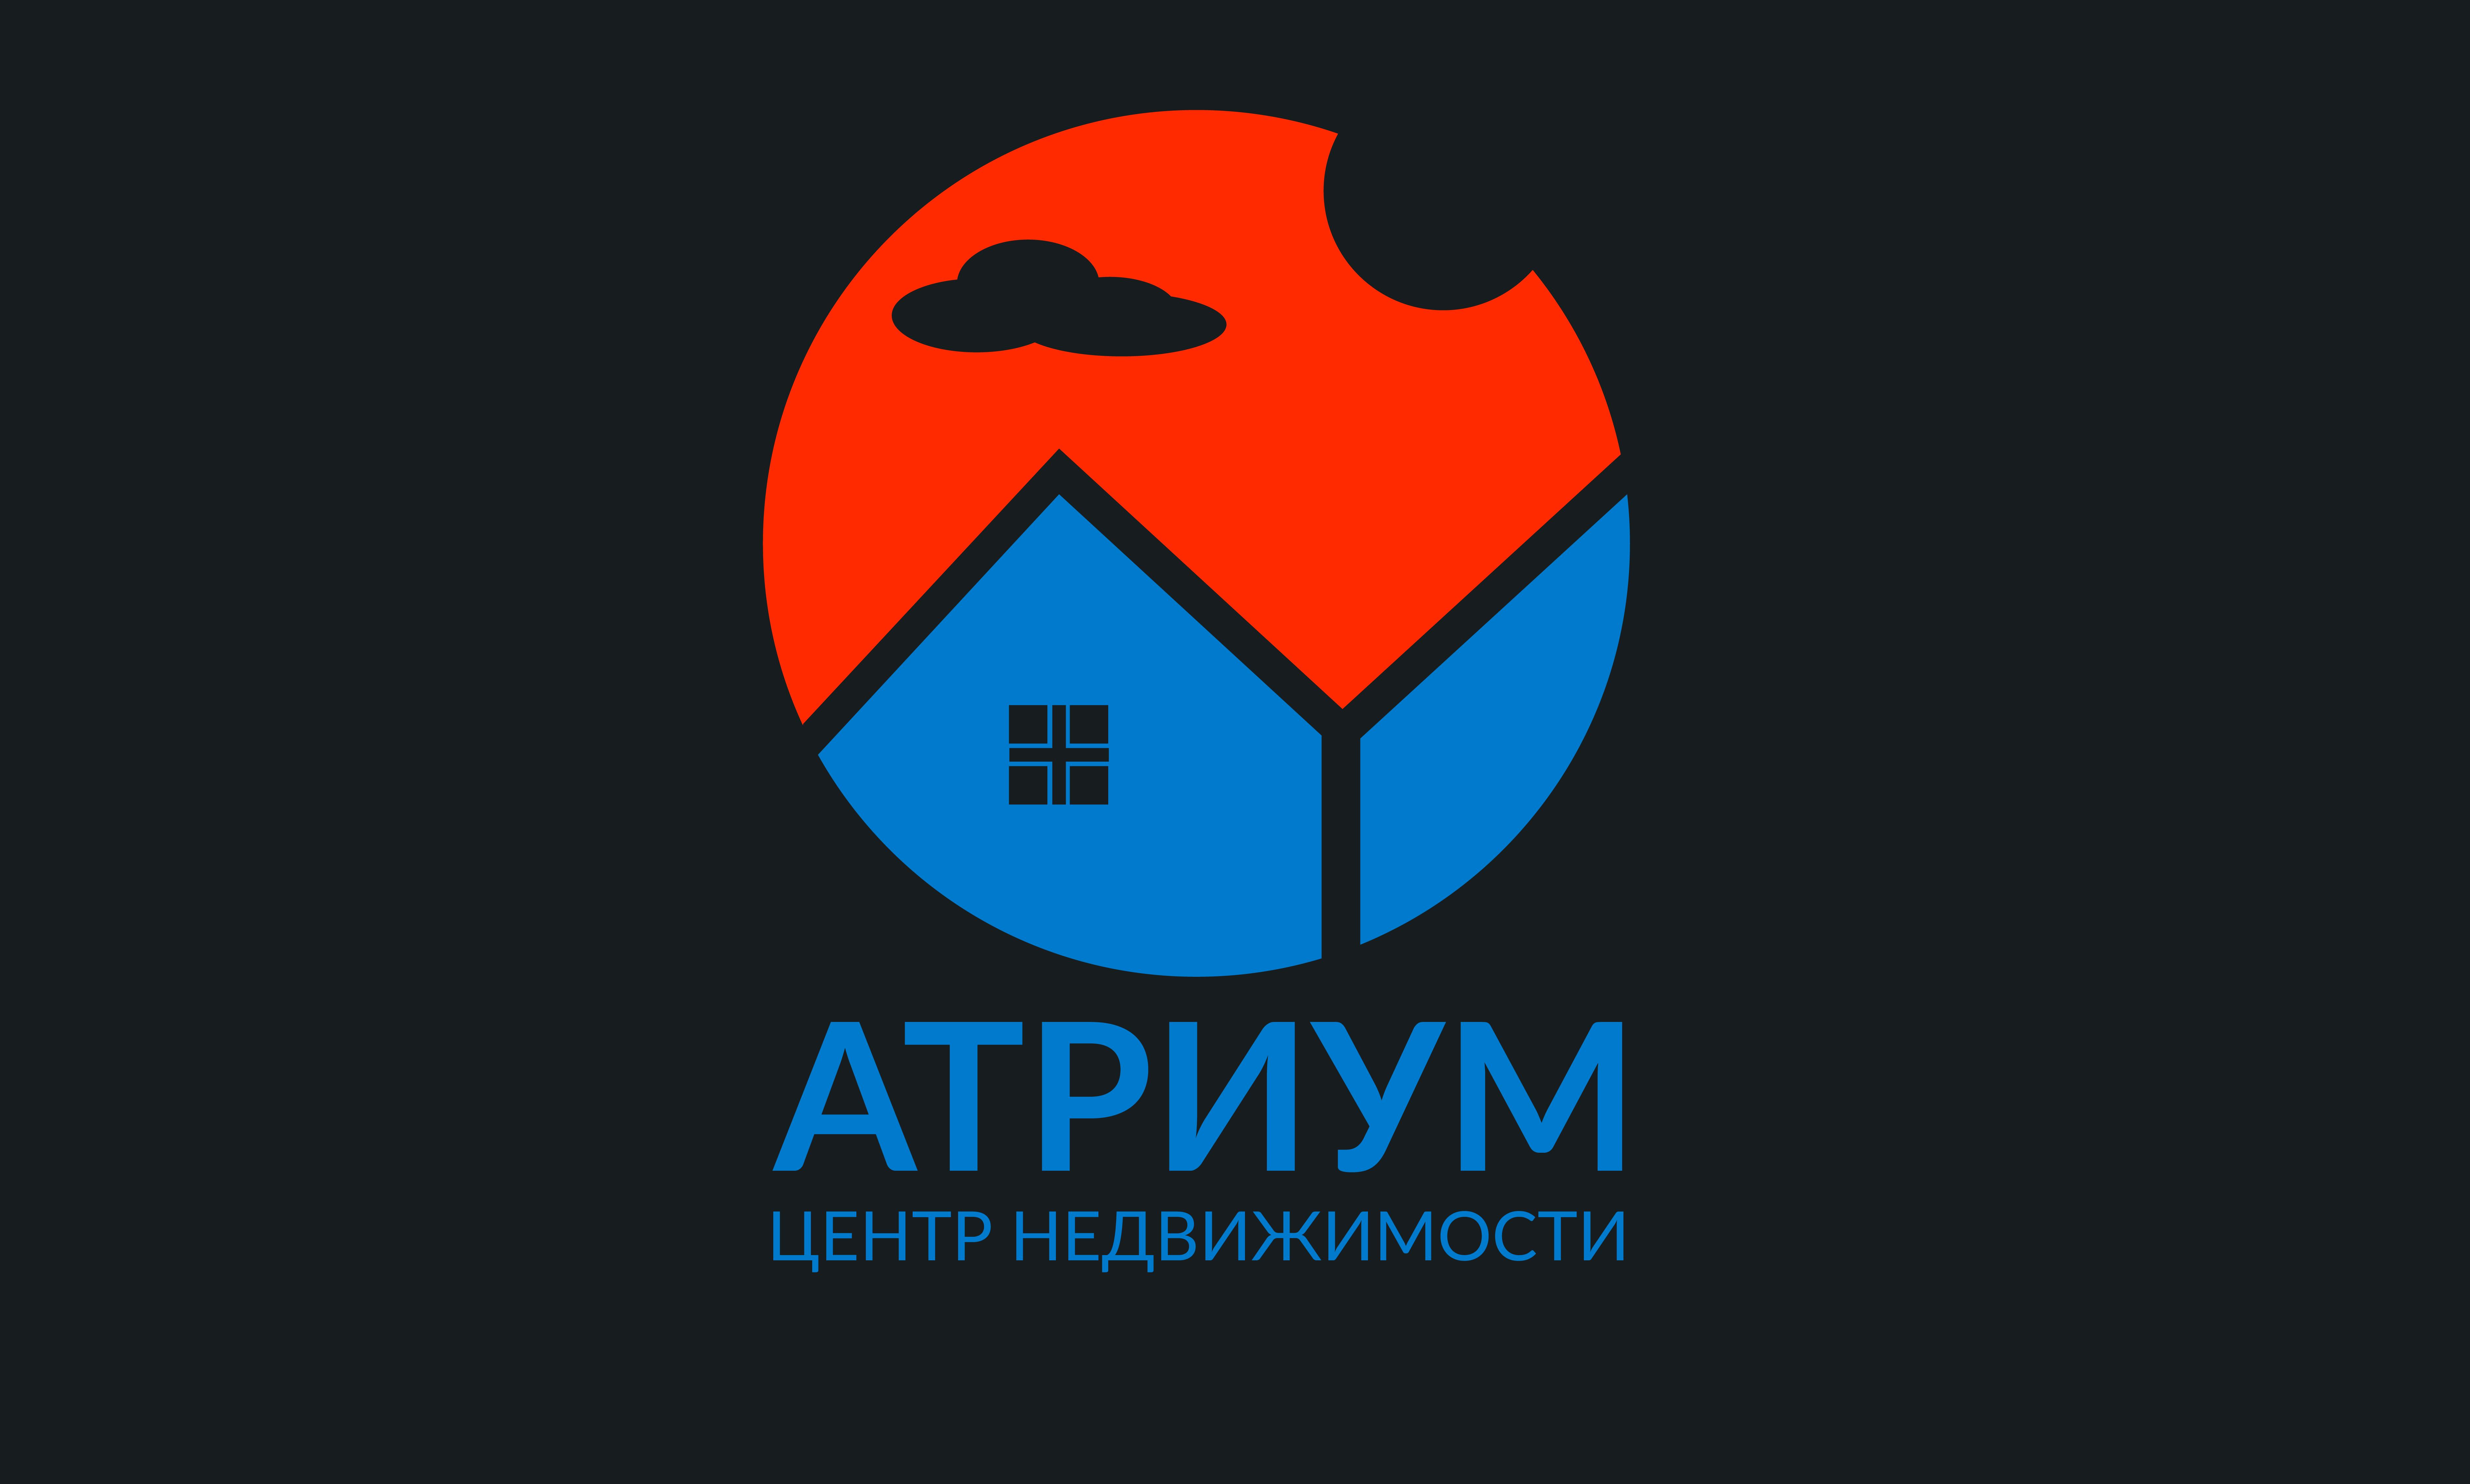 Редизайн / модернизация логотипа Центра недвижимости фото f_8735bc333fa3a6e0.png